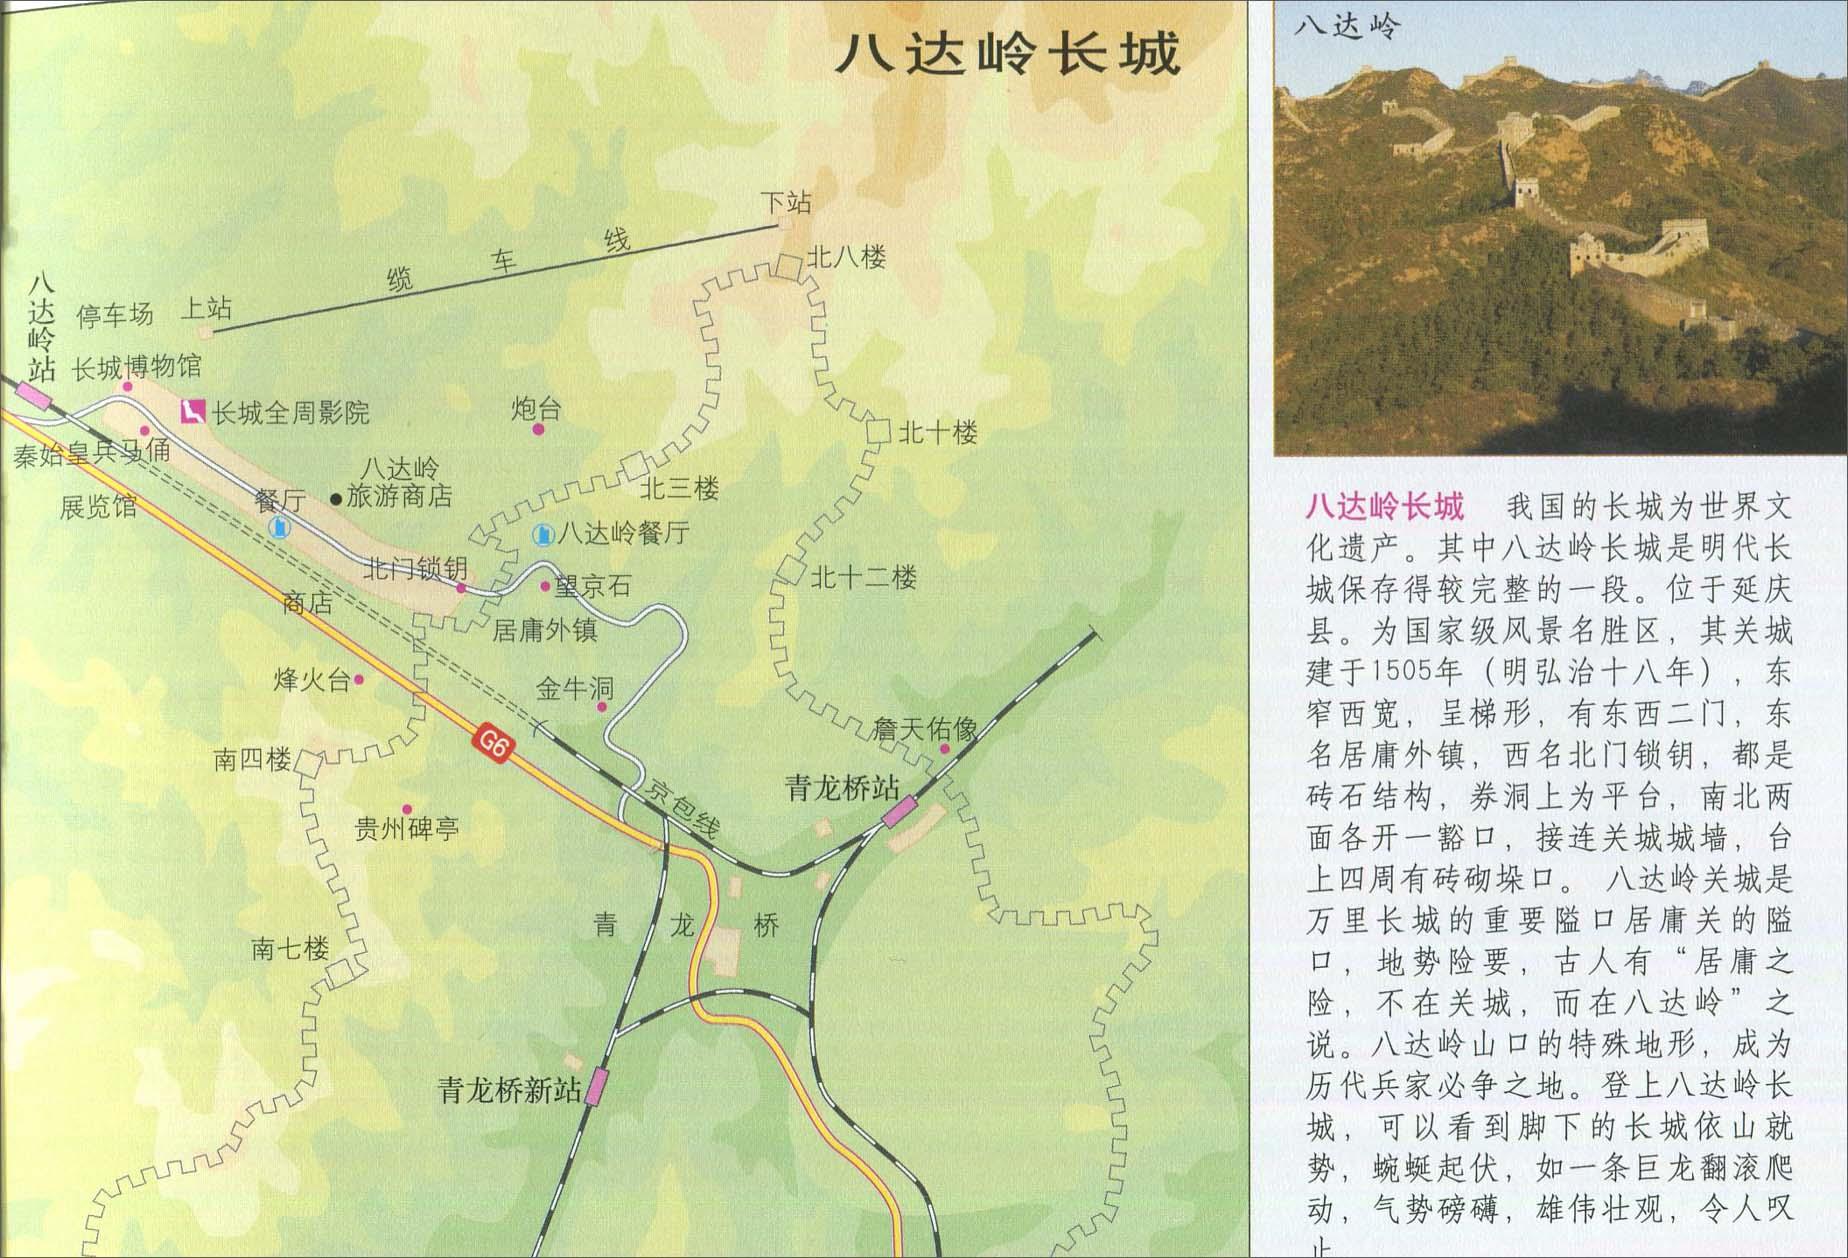 com 北京八达岭长城风景区旅游照片_北京八达岭长城风景区图片-一块 .